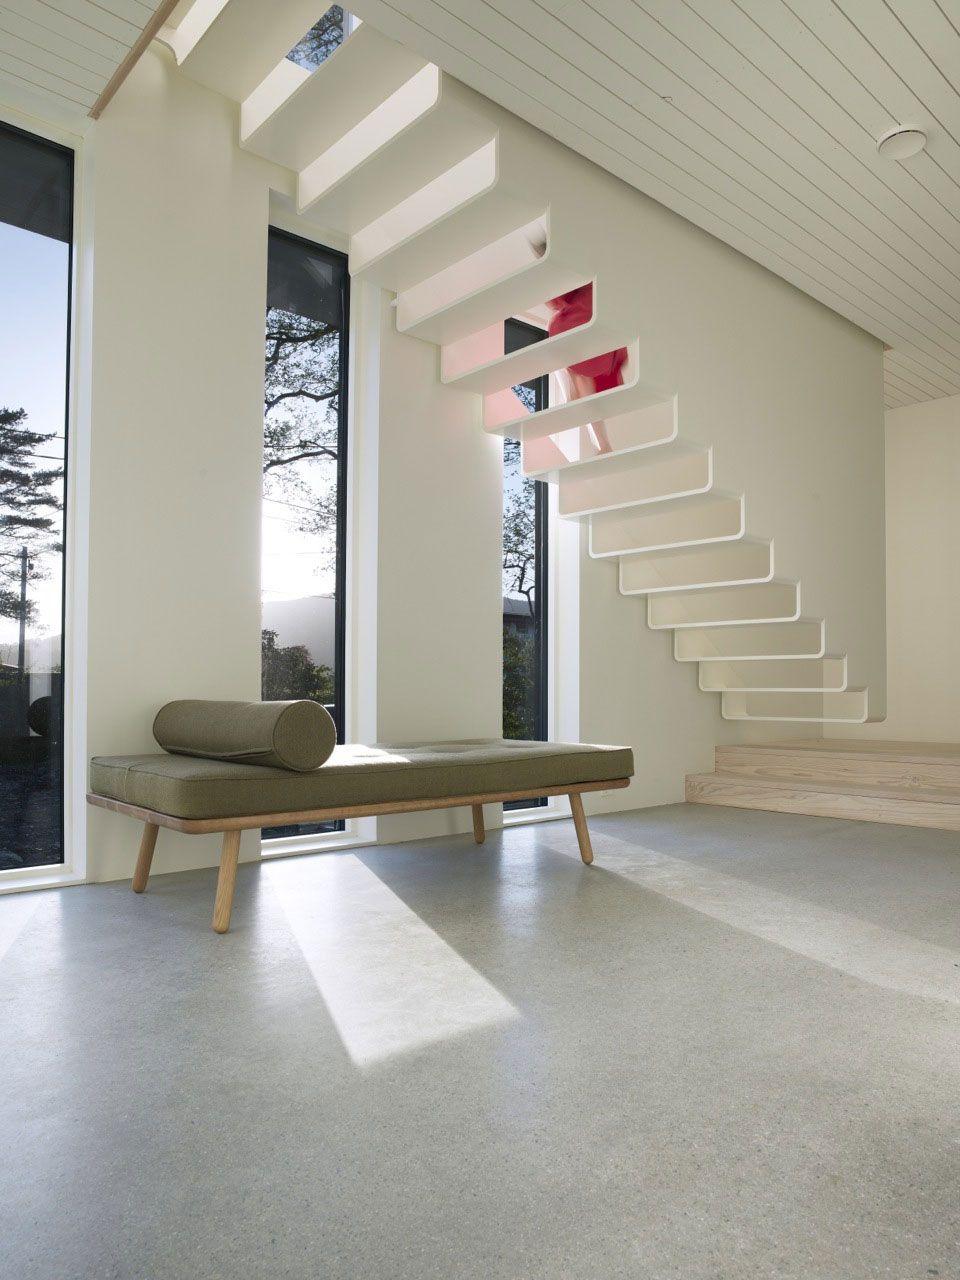 Villa-S-Saunders-Architecture-06